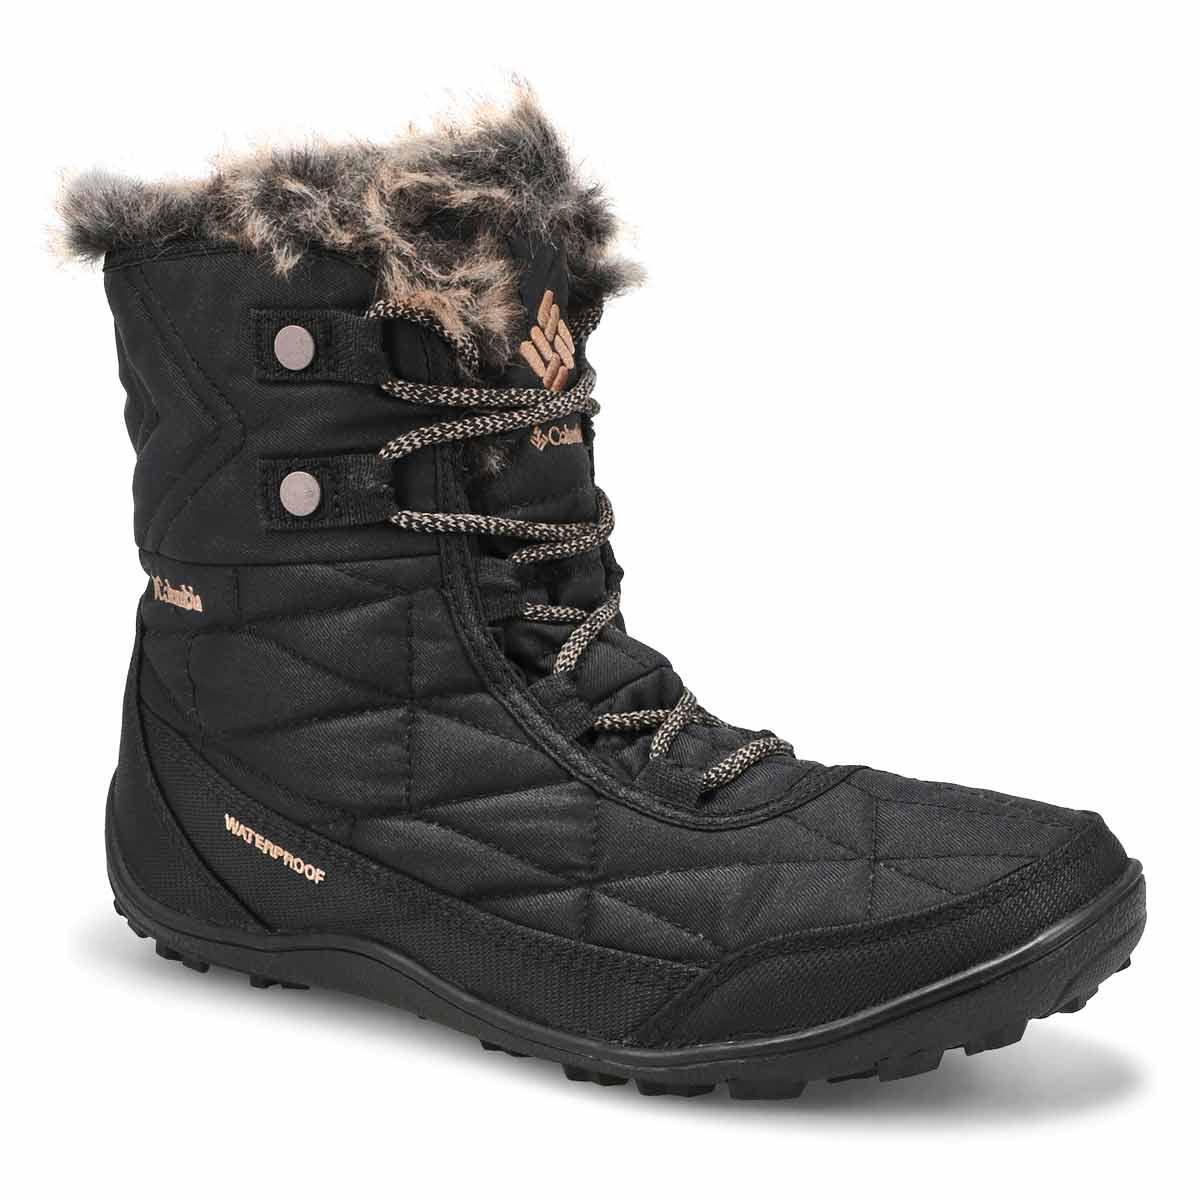 Lds Minx Shorty III blk wtpf winter boot